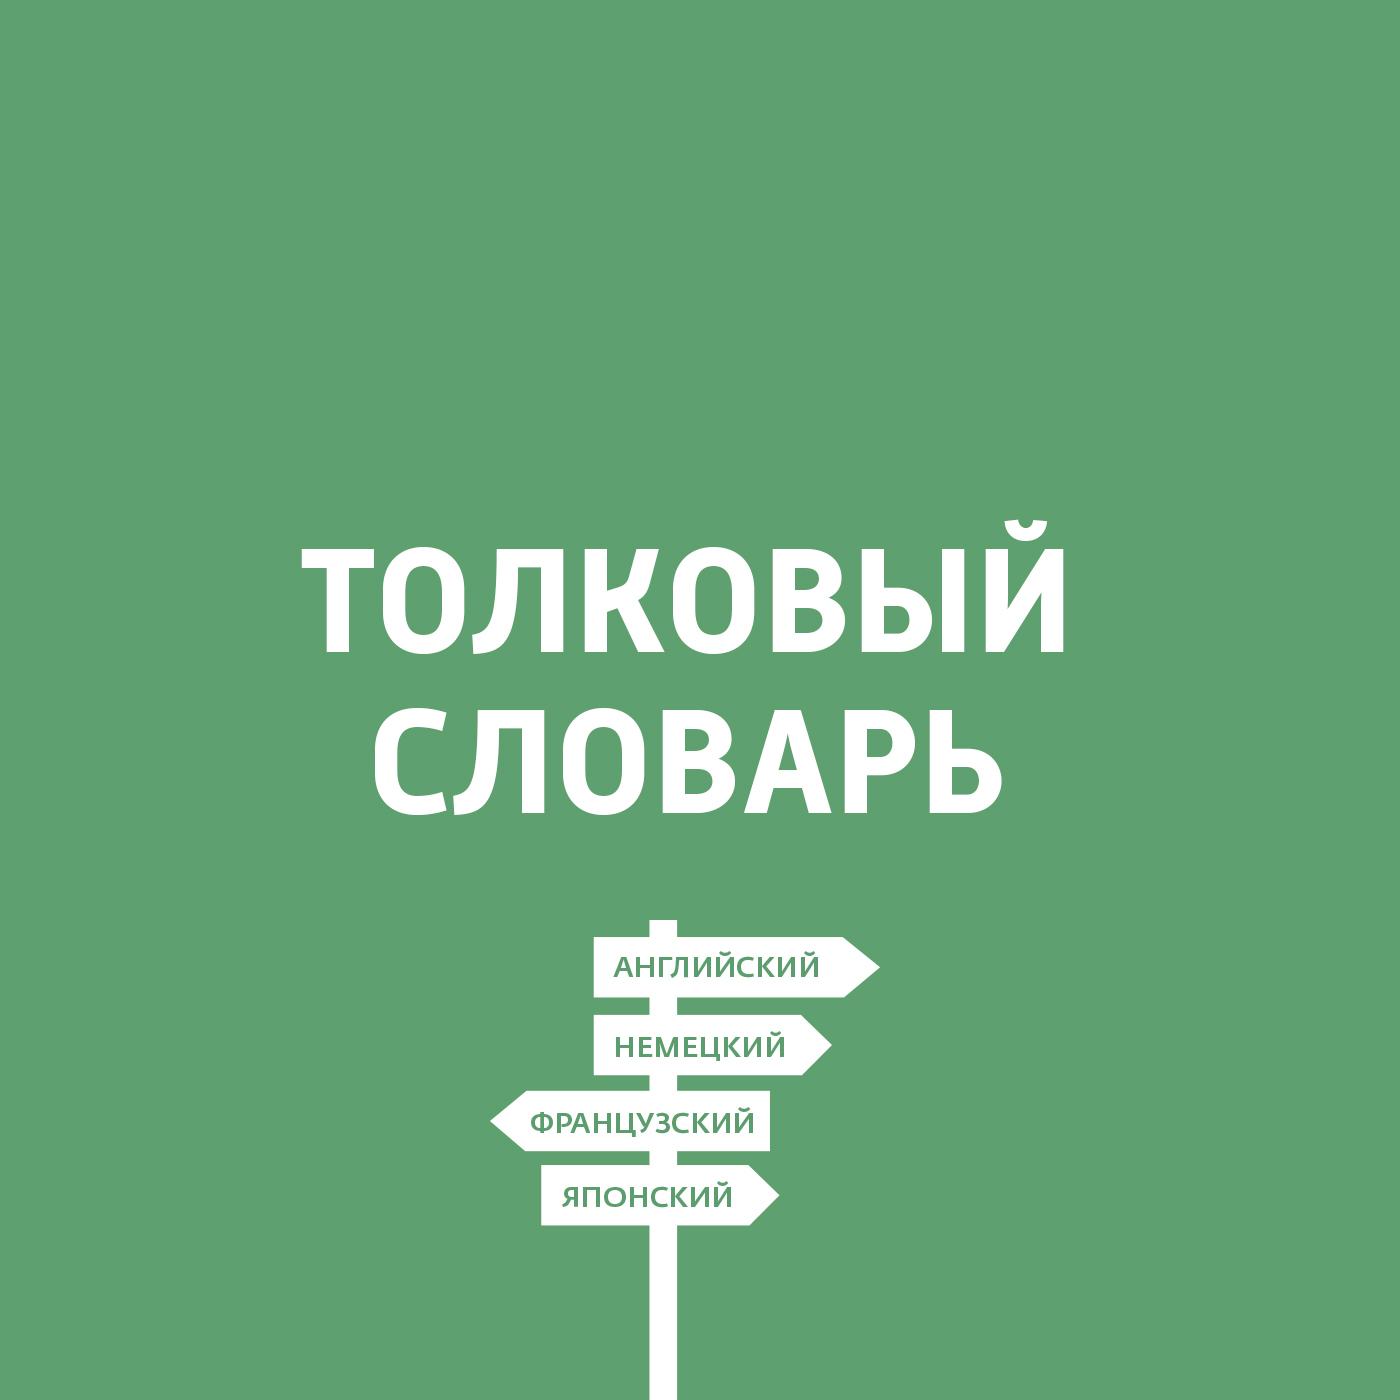 Дмитрий Петров Финский язык дмитрий петров путешествие в индию